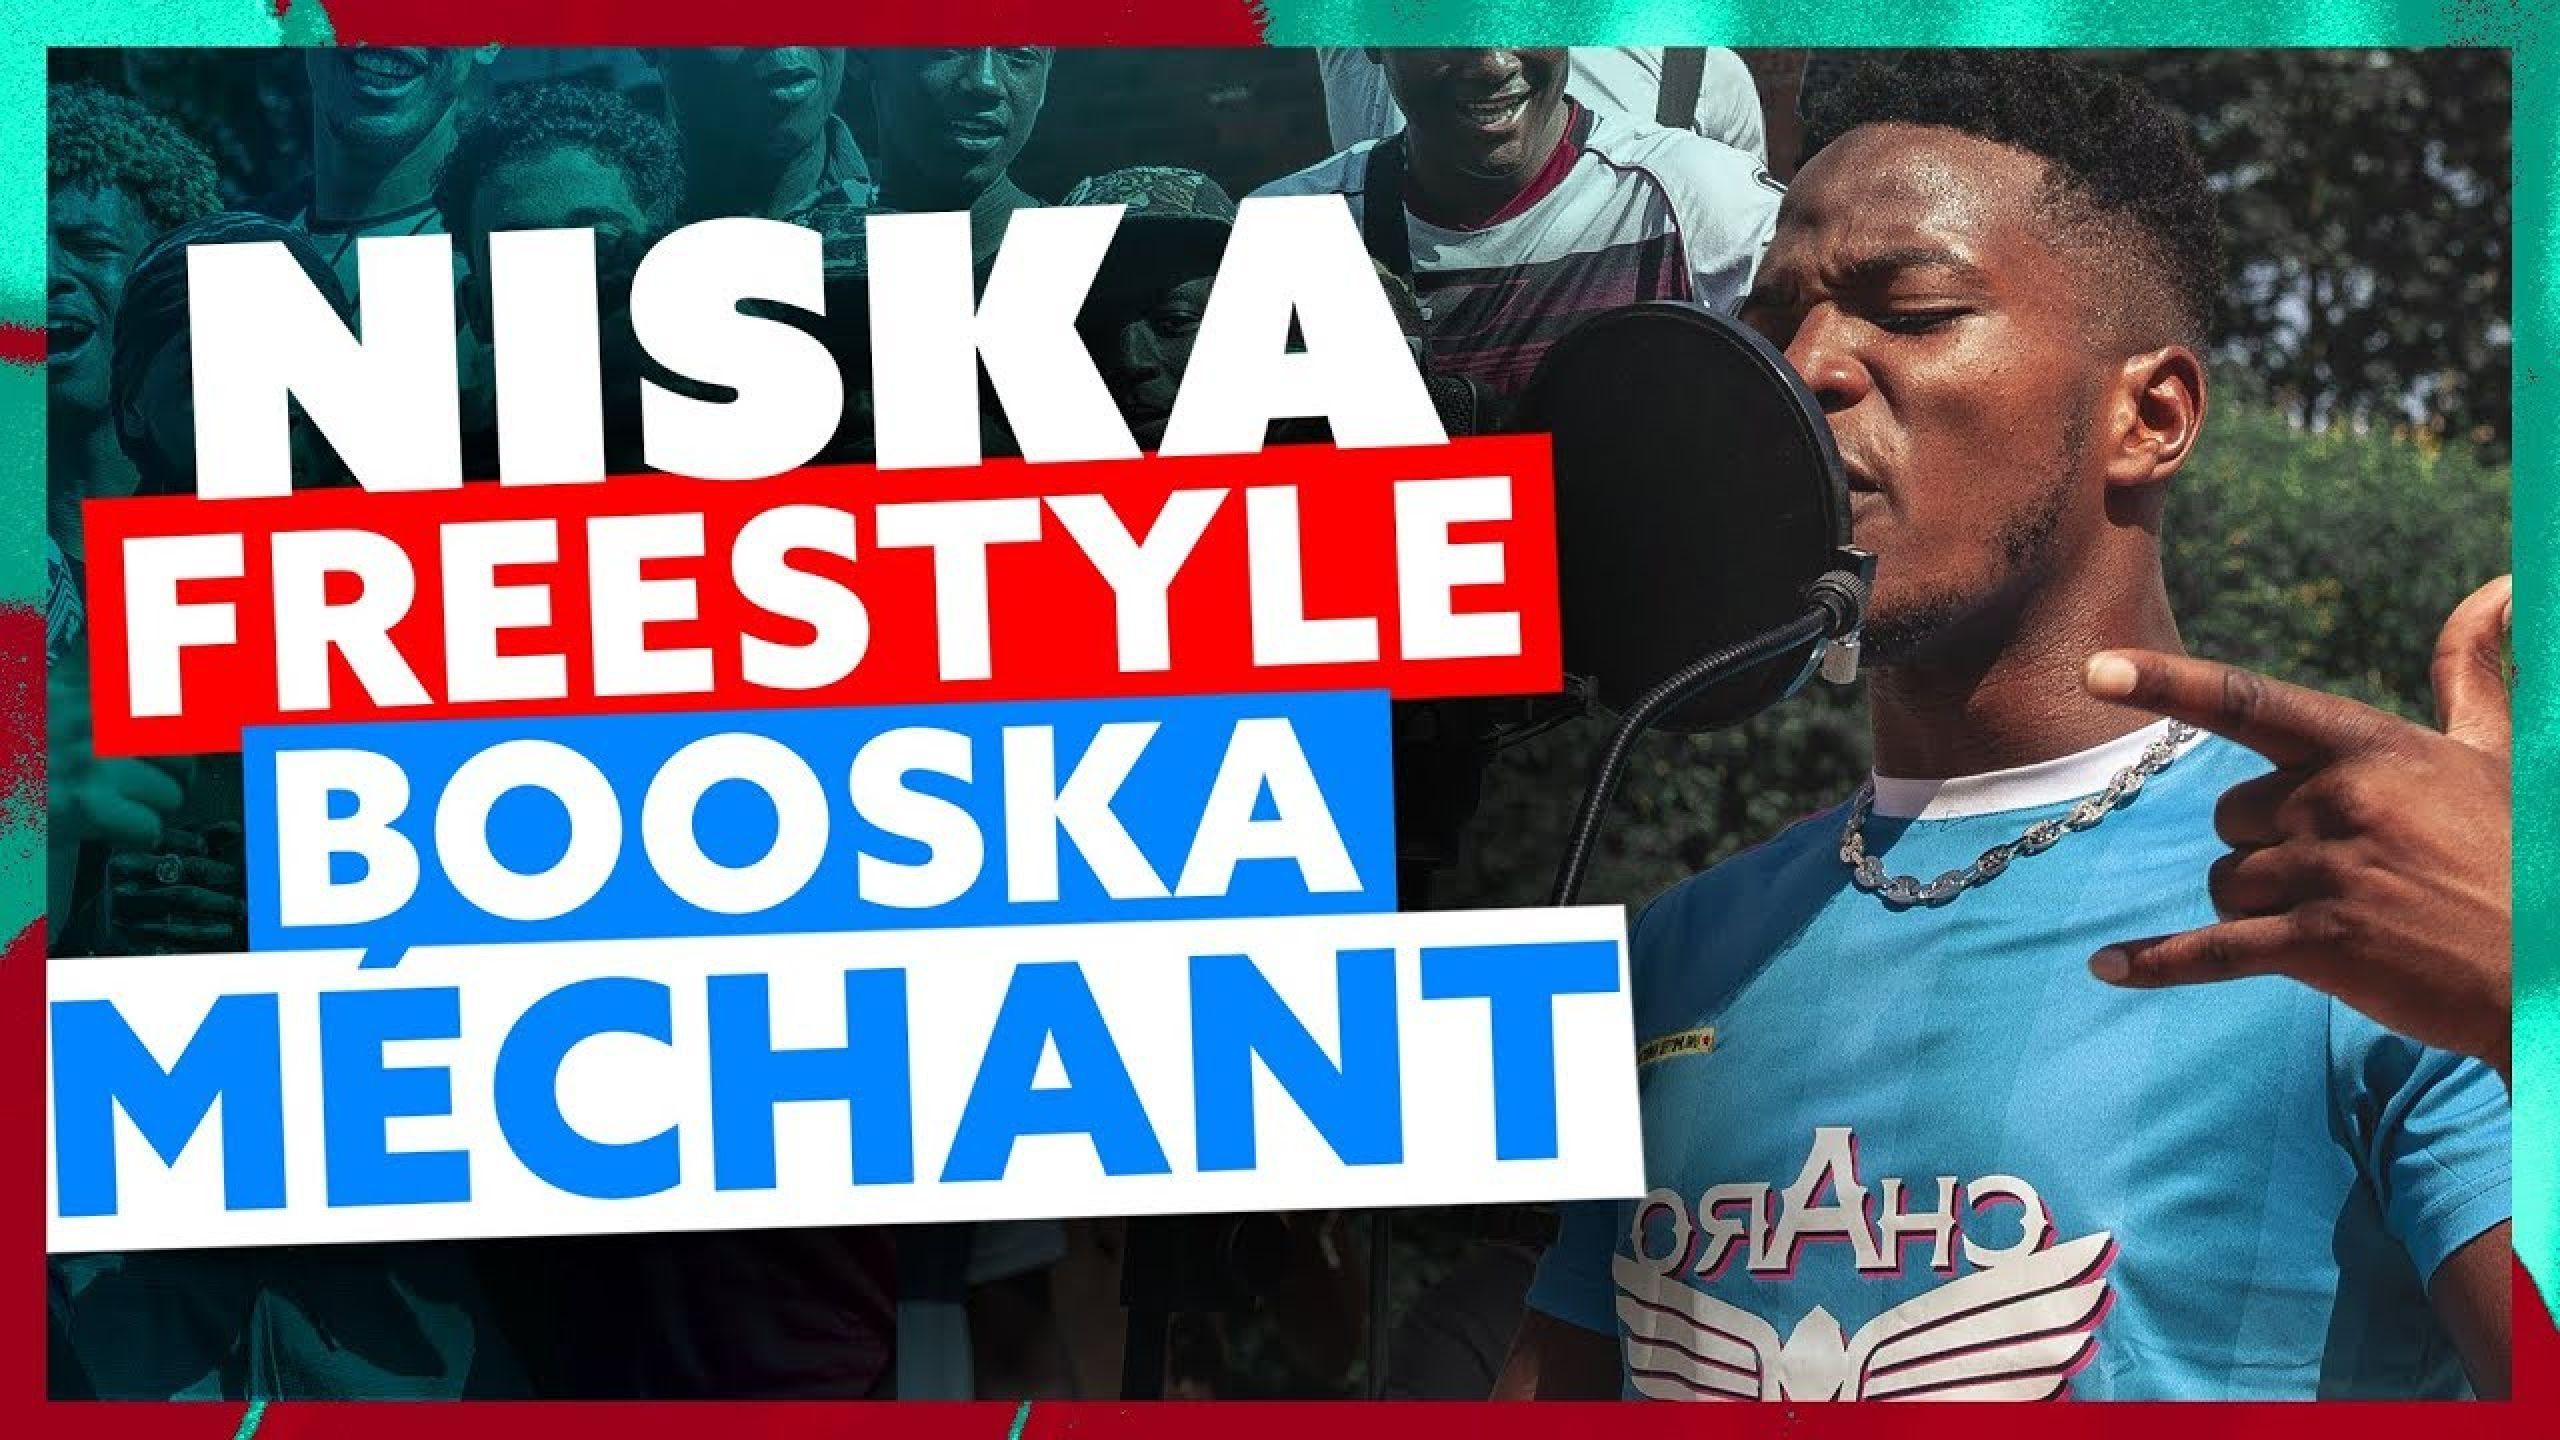 Niska | Freestyle Booska Méchant